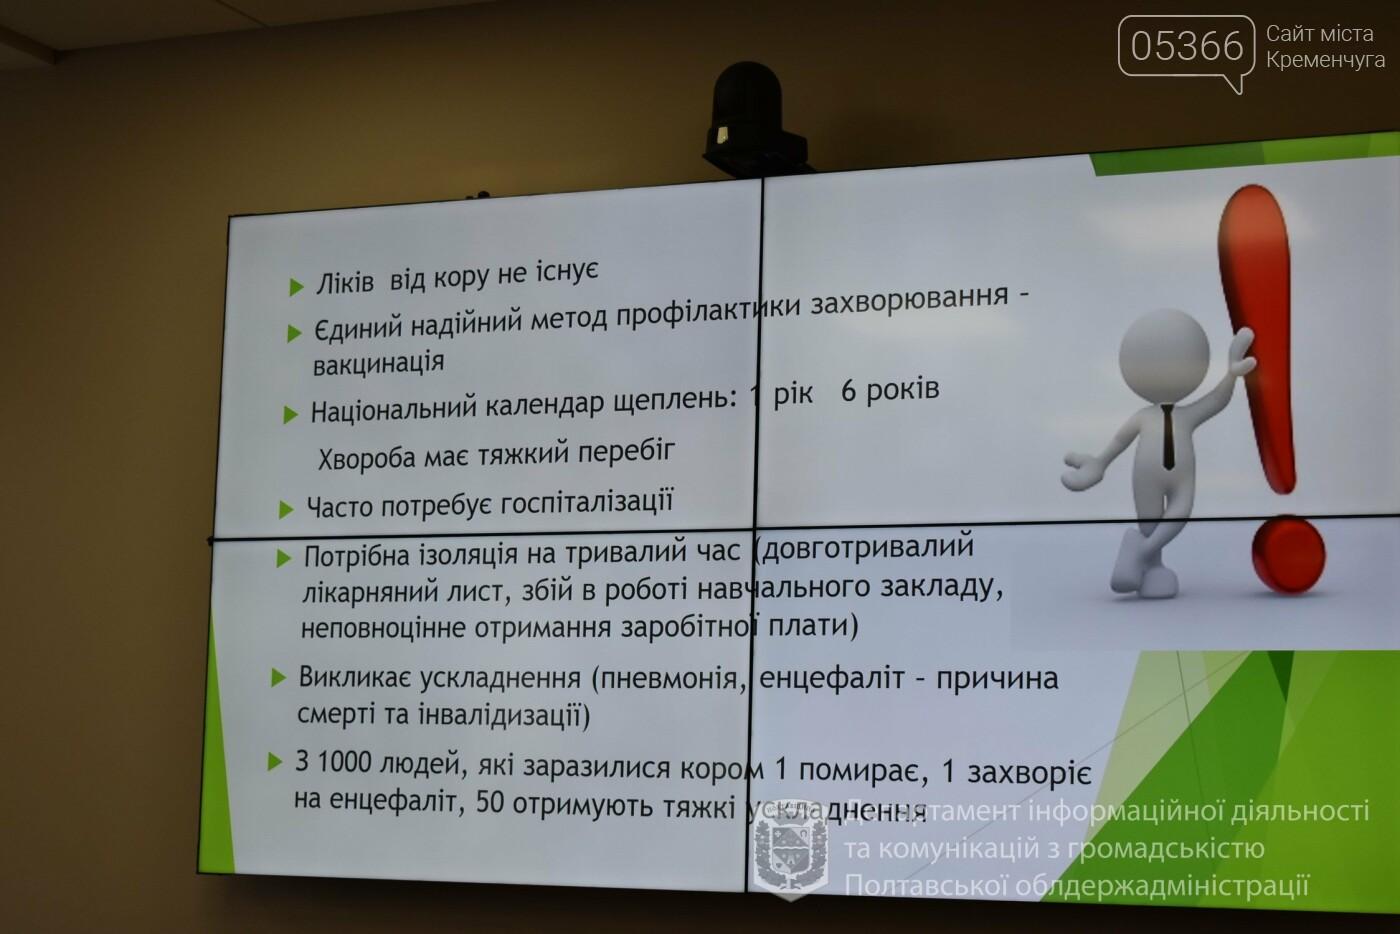 З жовтня на Полтавщині проводитимуть додаткову імунізацію учнів проти кору, фото-1